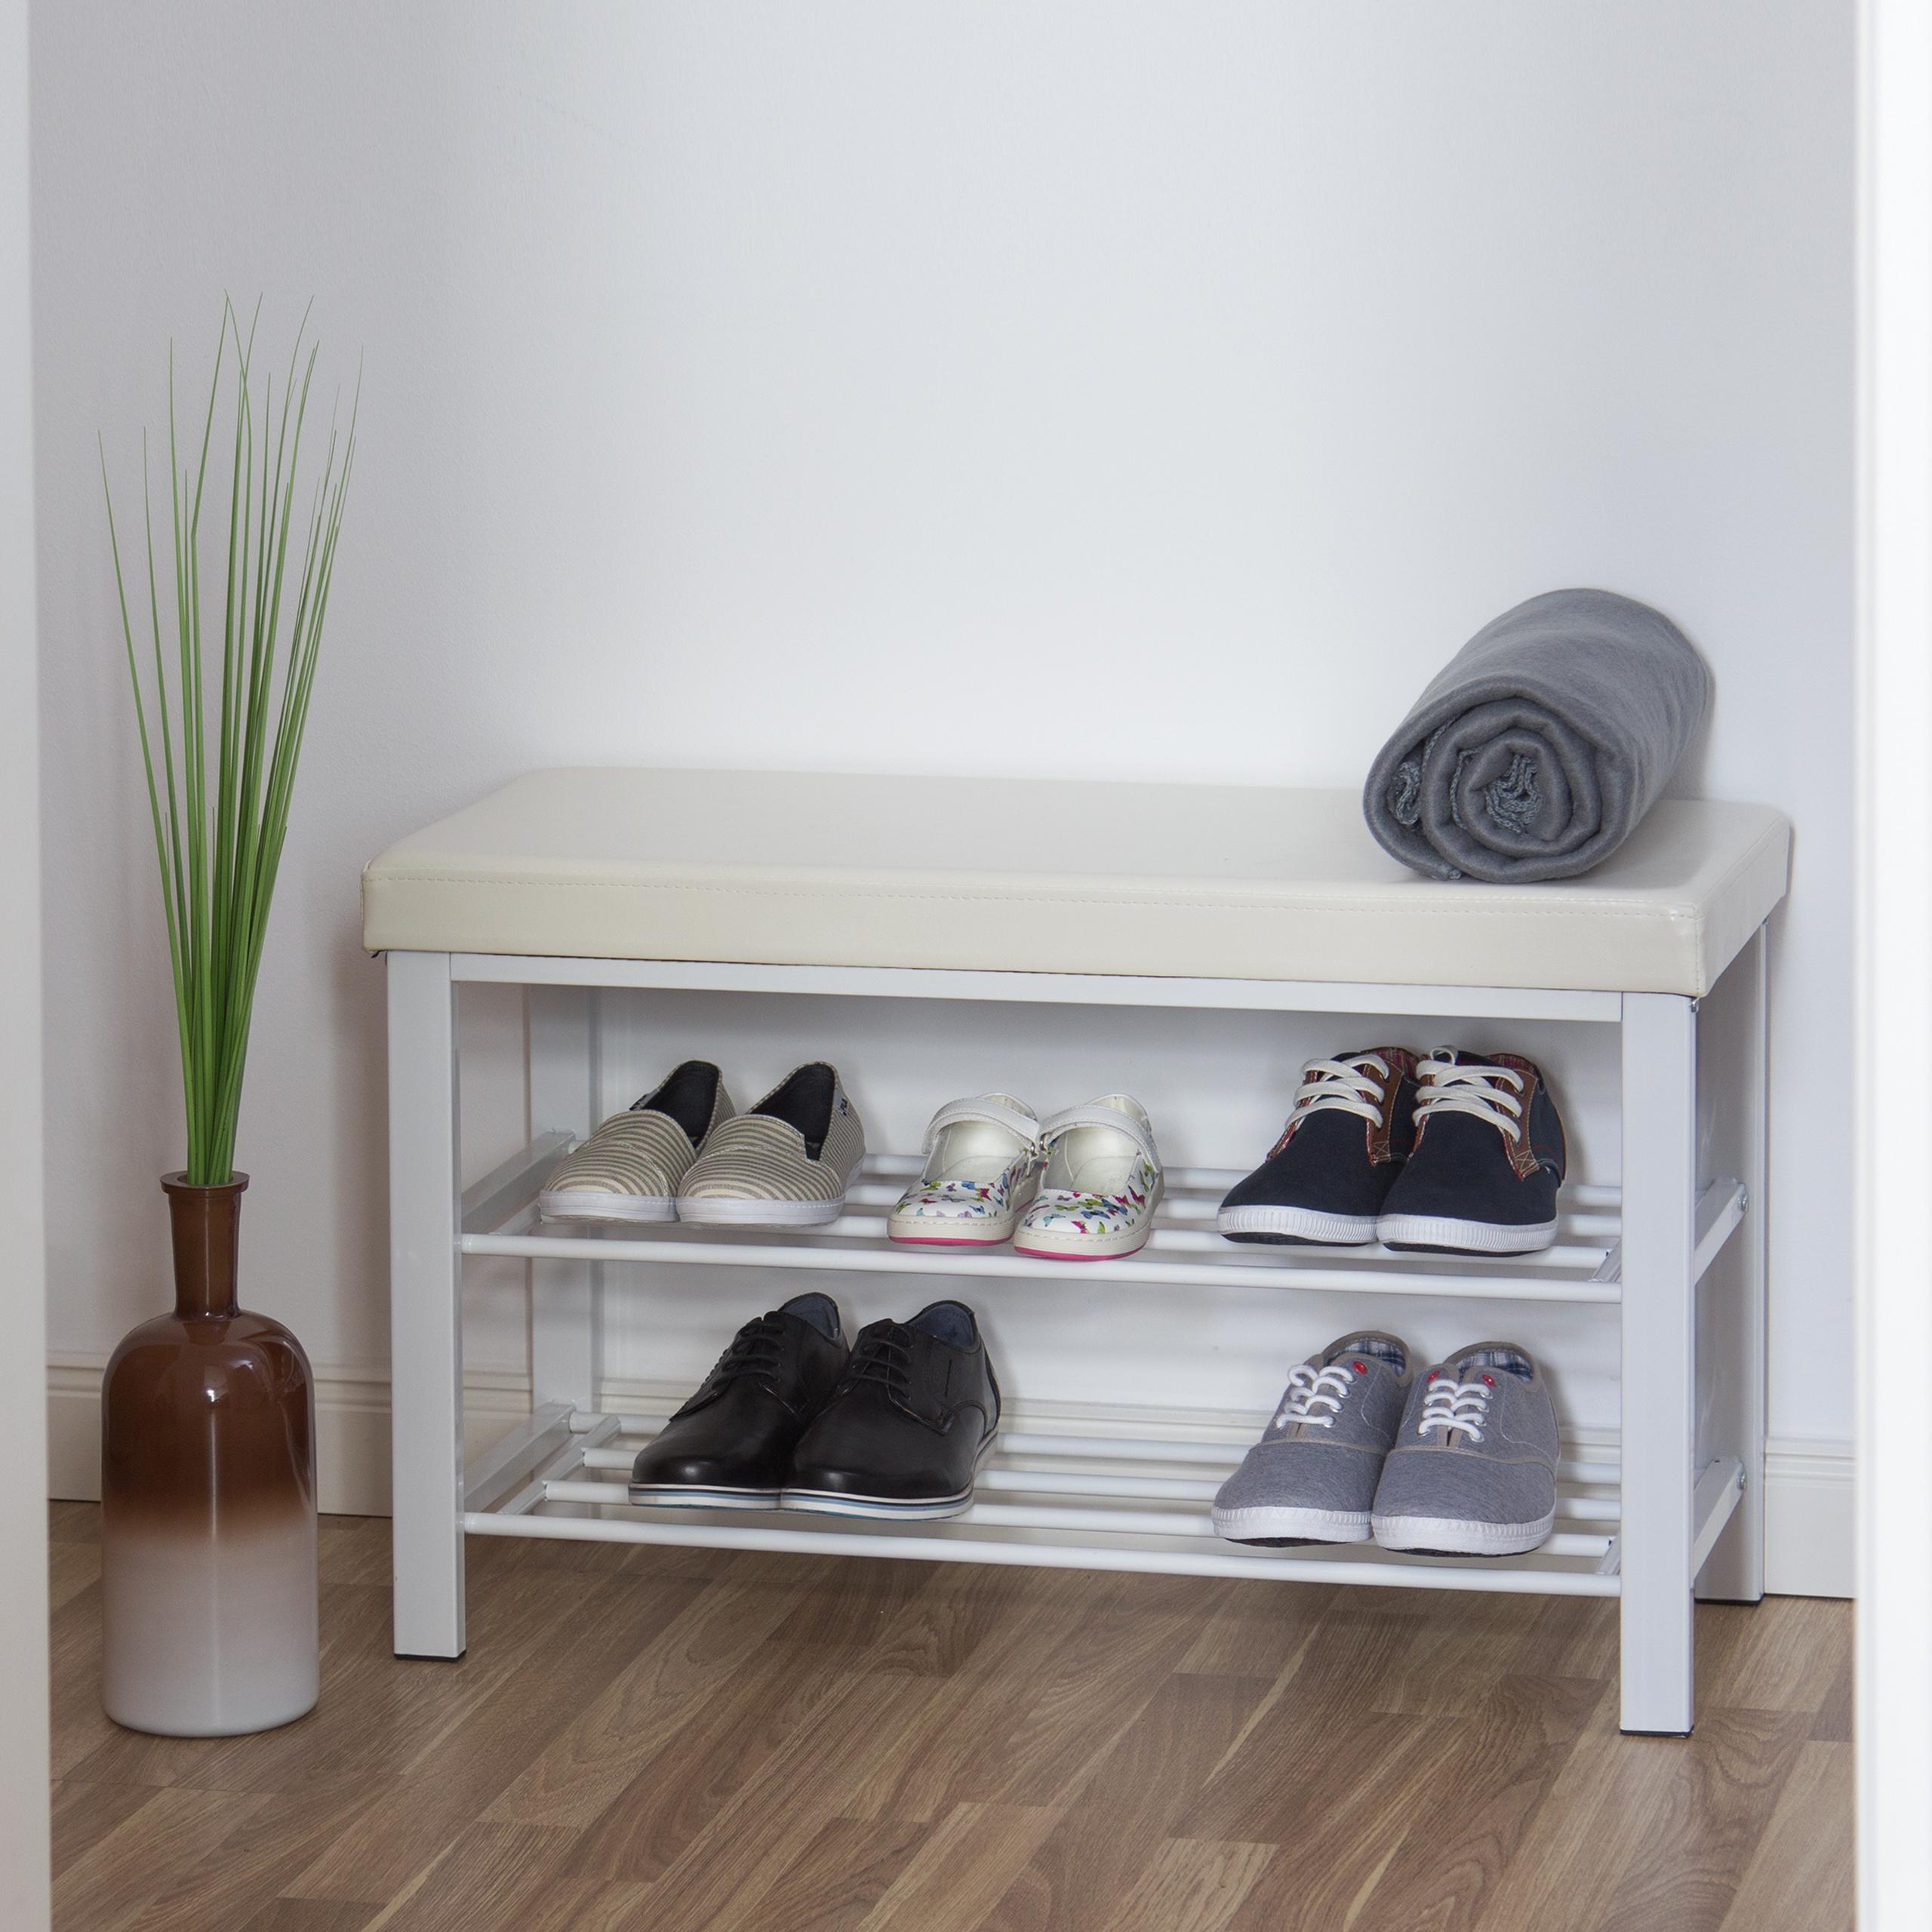 Schuhbank-Sitzbank-mit-Ablage-Polsterung-Schuhregal-offen-Schuhablage-Schuhregal Indexbild 7